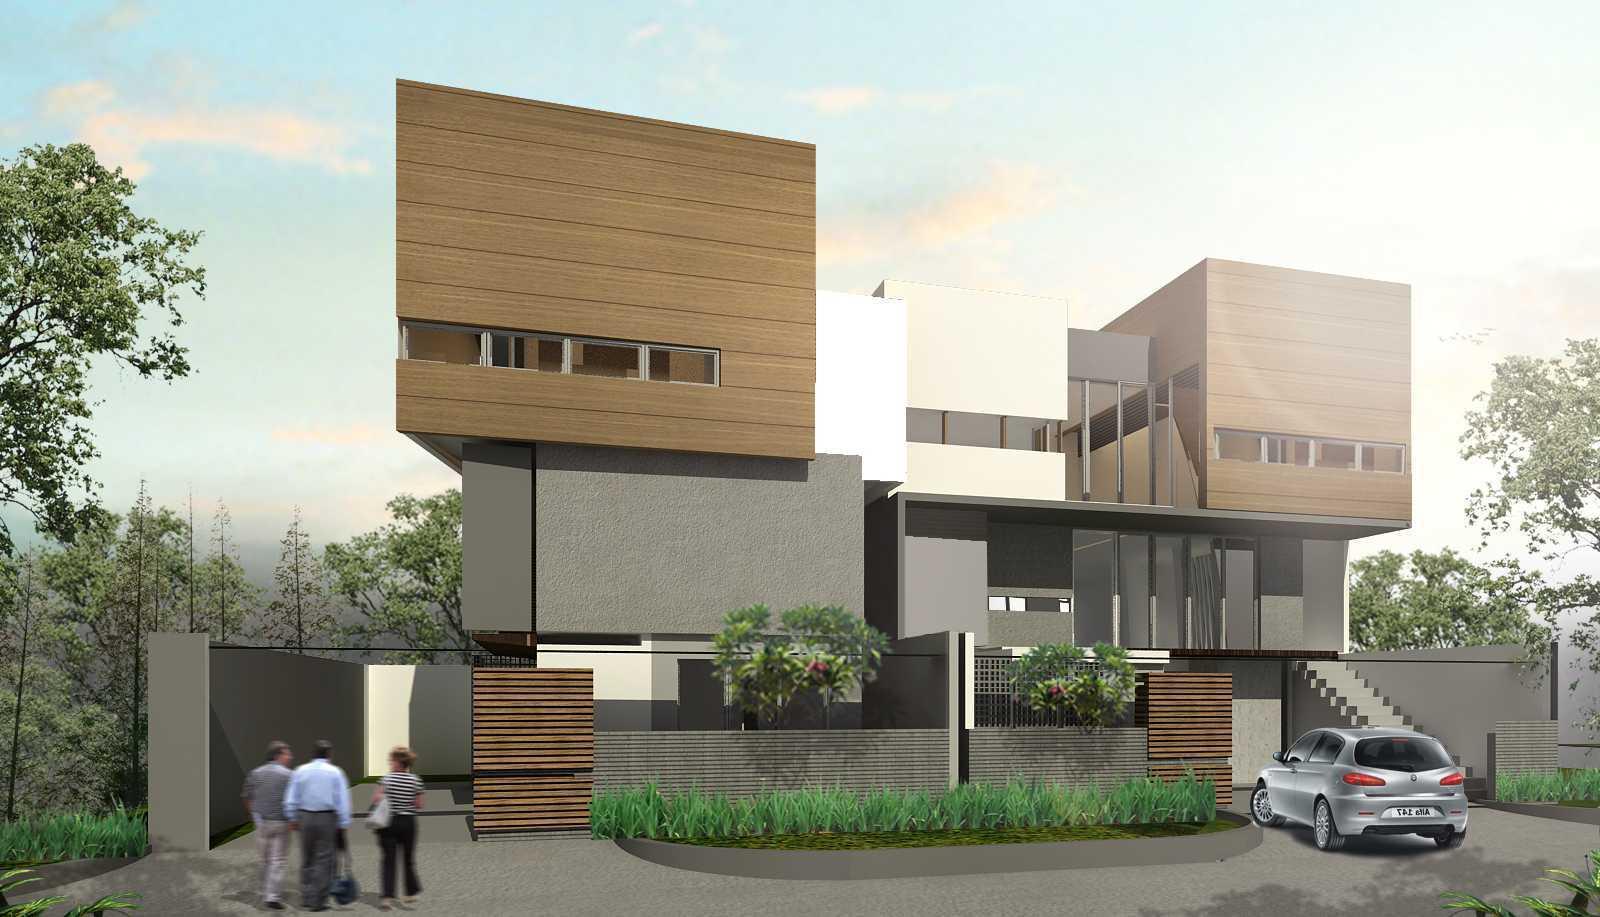 Studio Asri Malayka Residence Jakarta, Daerah Khusus Ibukota Jakarta, Indonesia Jakarta, Daerah Khusus Ibukota Jakarta, Indonesia Studio-Asri-Malayka-Residence   67495